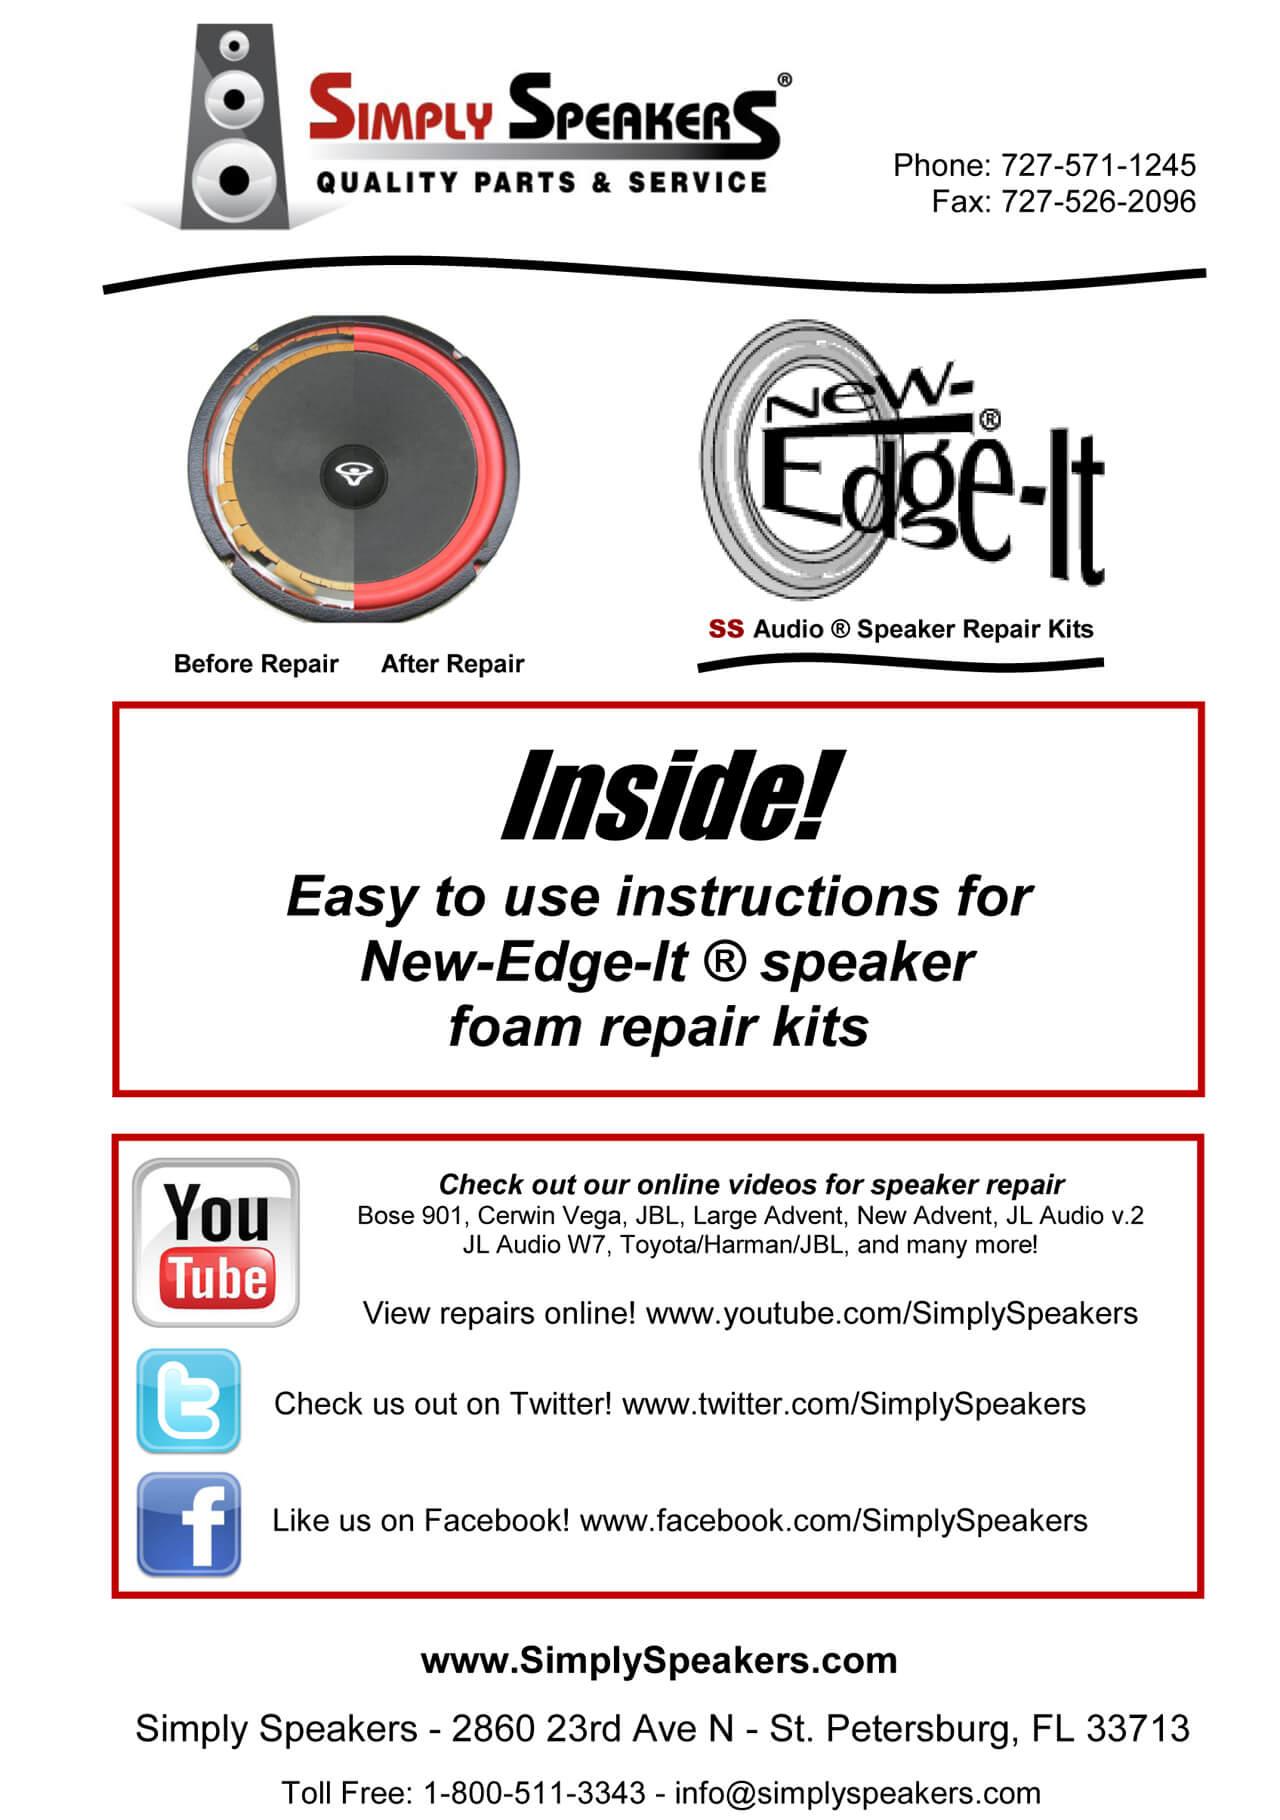 6838 Woofer Repair Kit FSK-5S Lexus SC-430 Mark Levinson Rear Speaker 6760